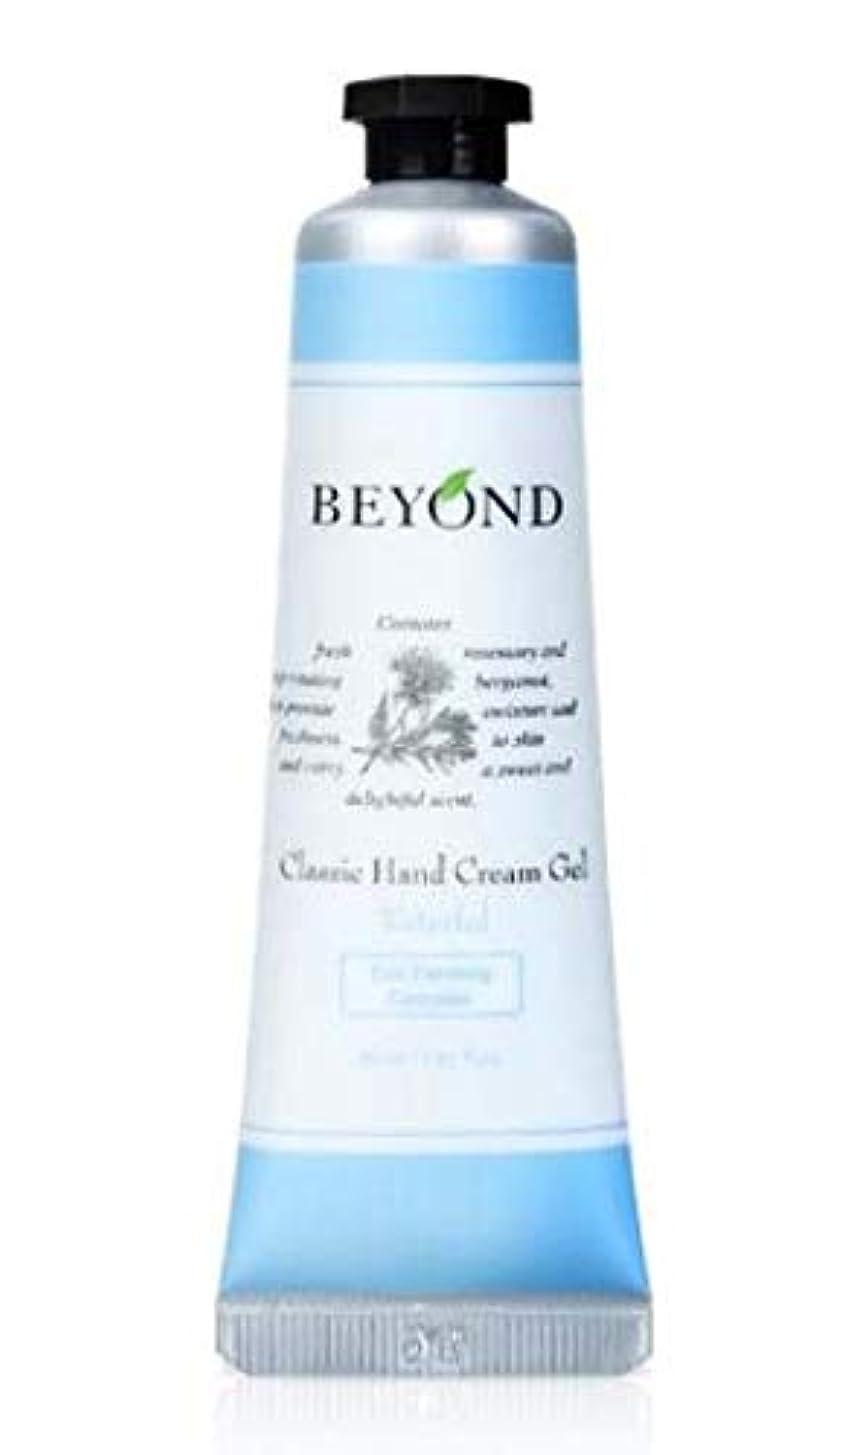 詐欺宣言する結婚した[ビヨンド] BEYOND [クラシッ クハンドクリーム ジェル - ウォーターフール 30ml] Classic Hand Cream Gel - Waterful 30ml [海外直送品]